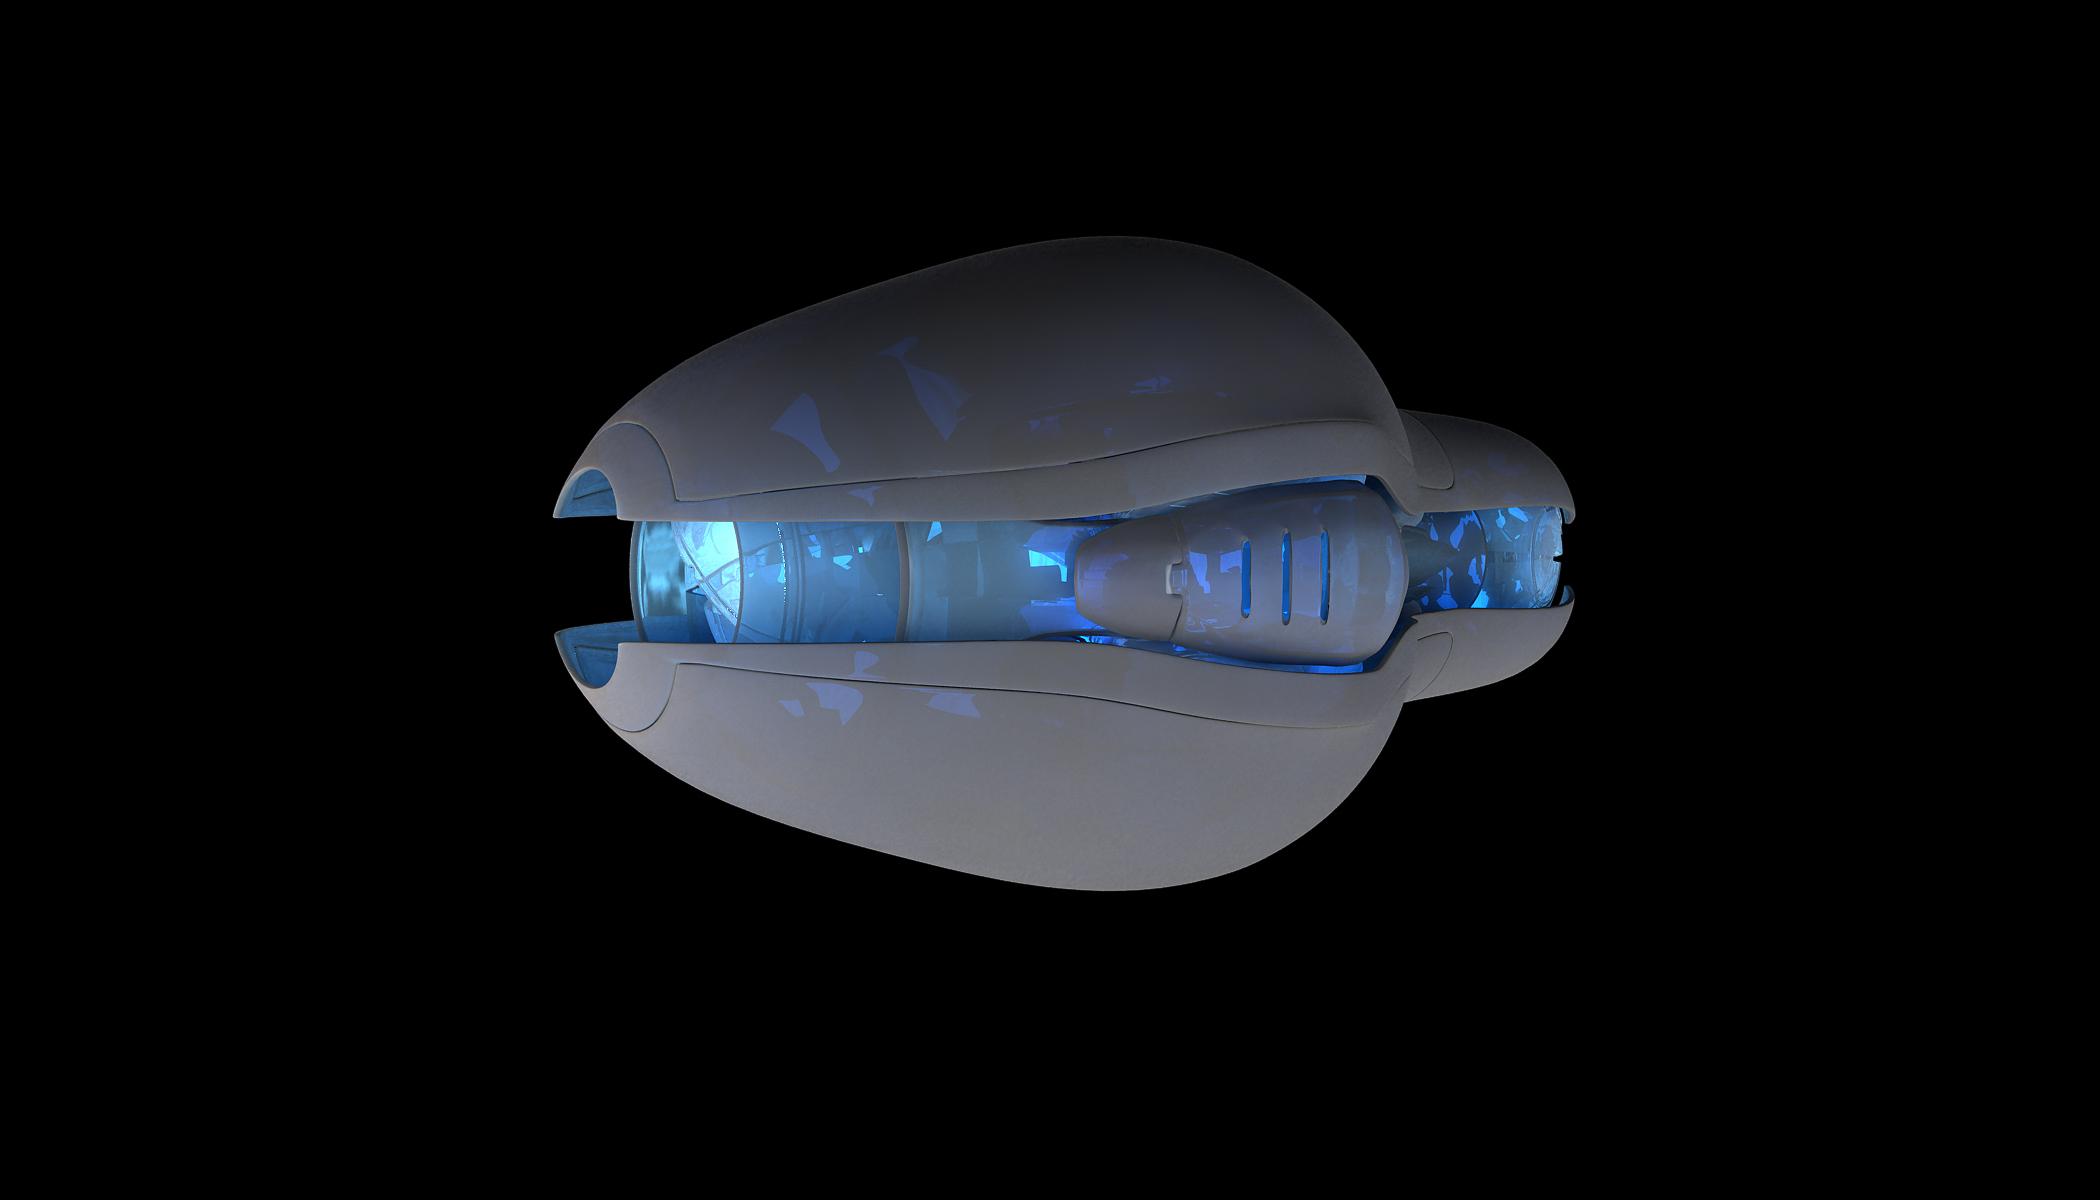 AlienShip_Spherical_v017_001.jpg